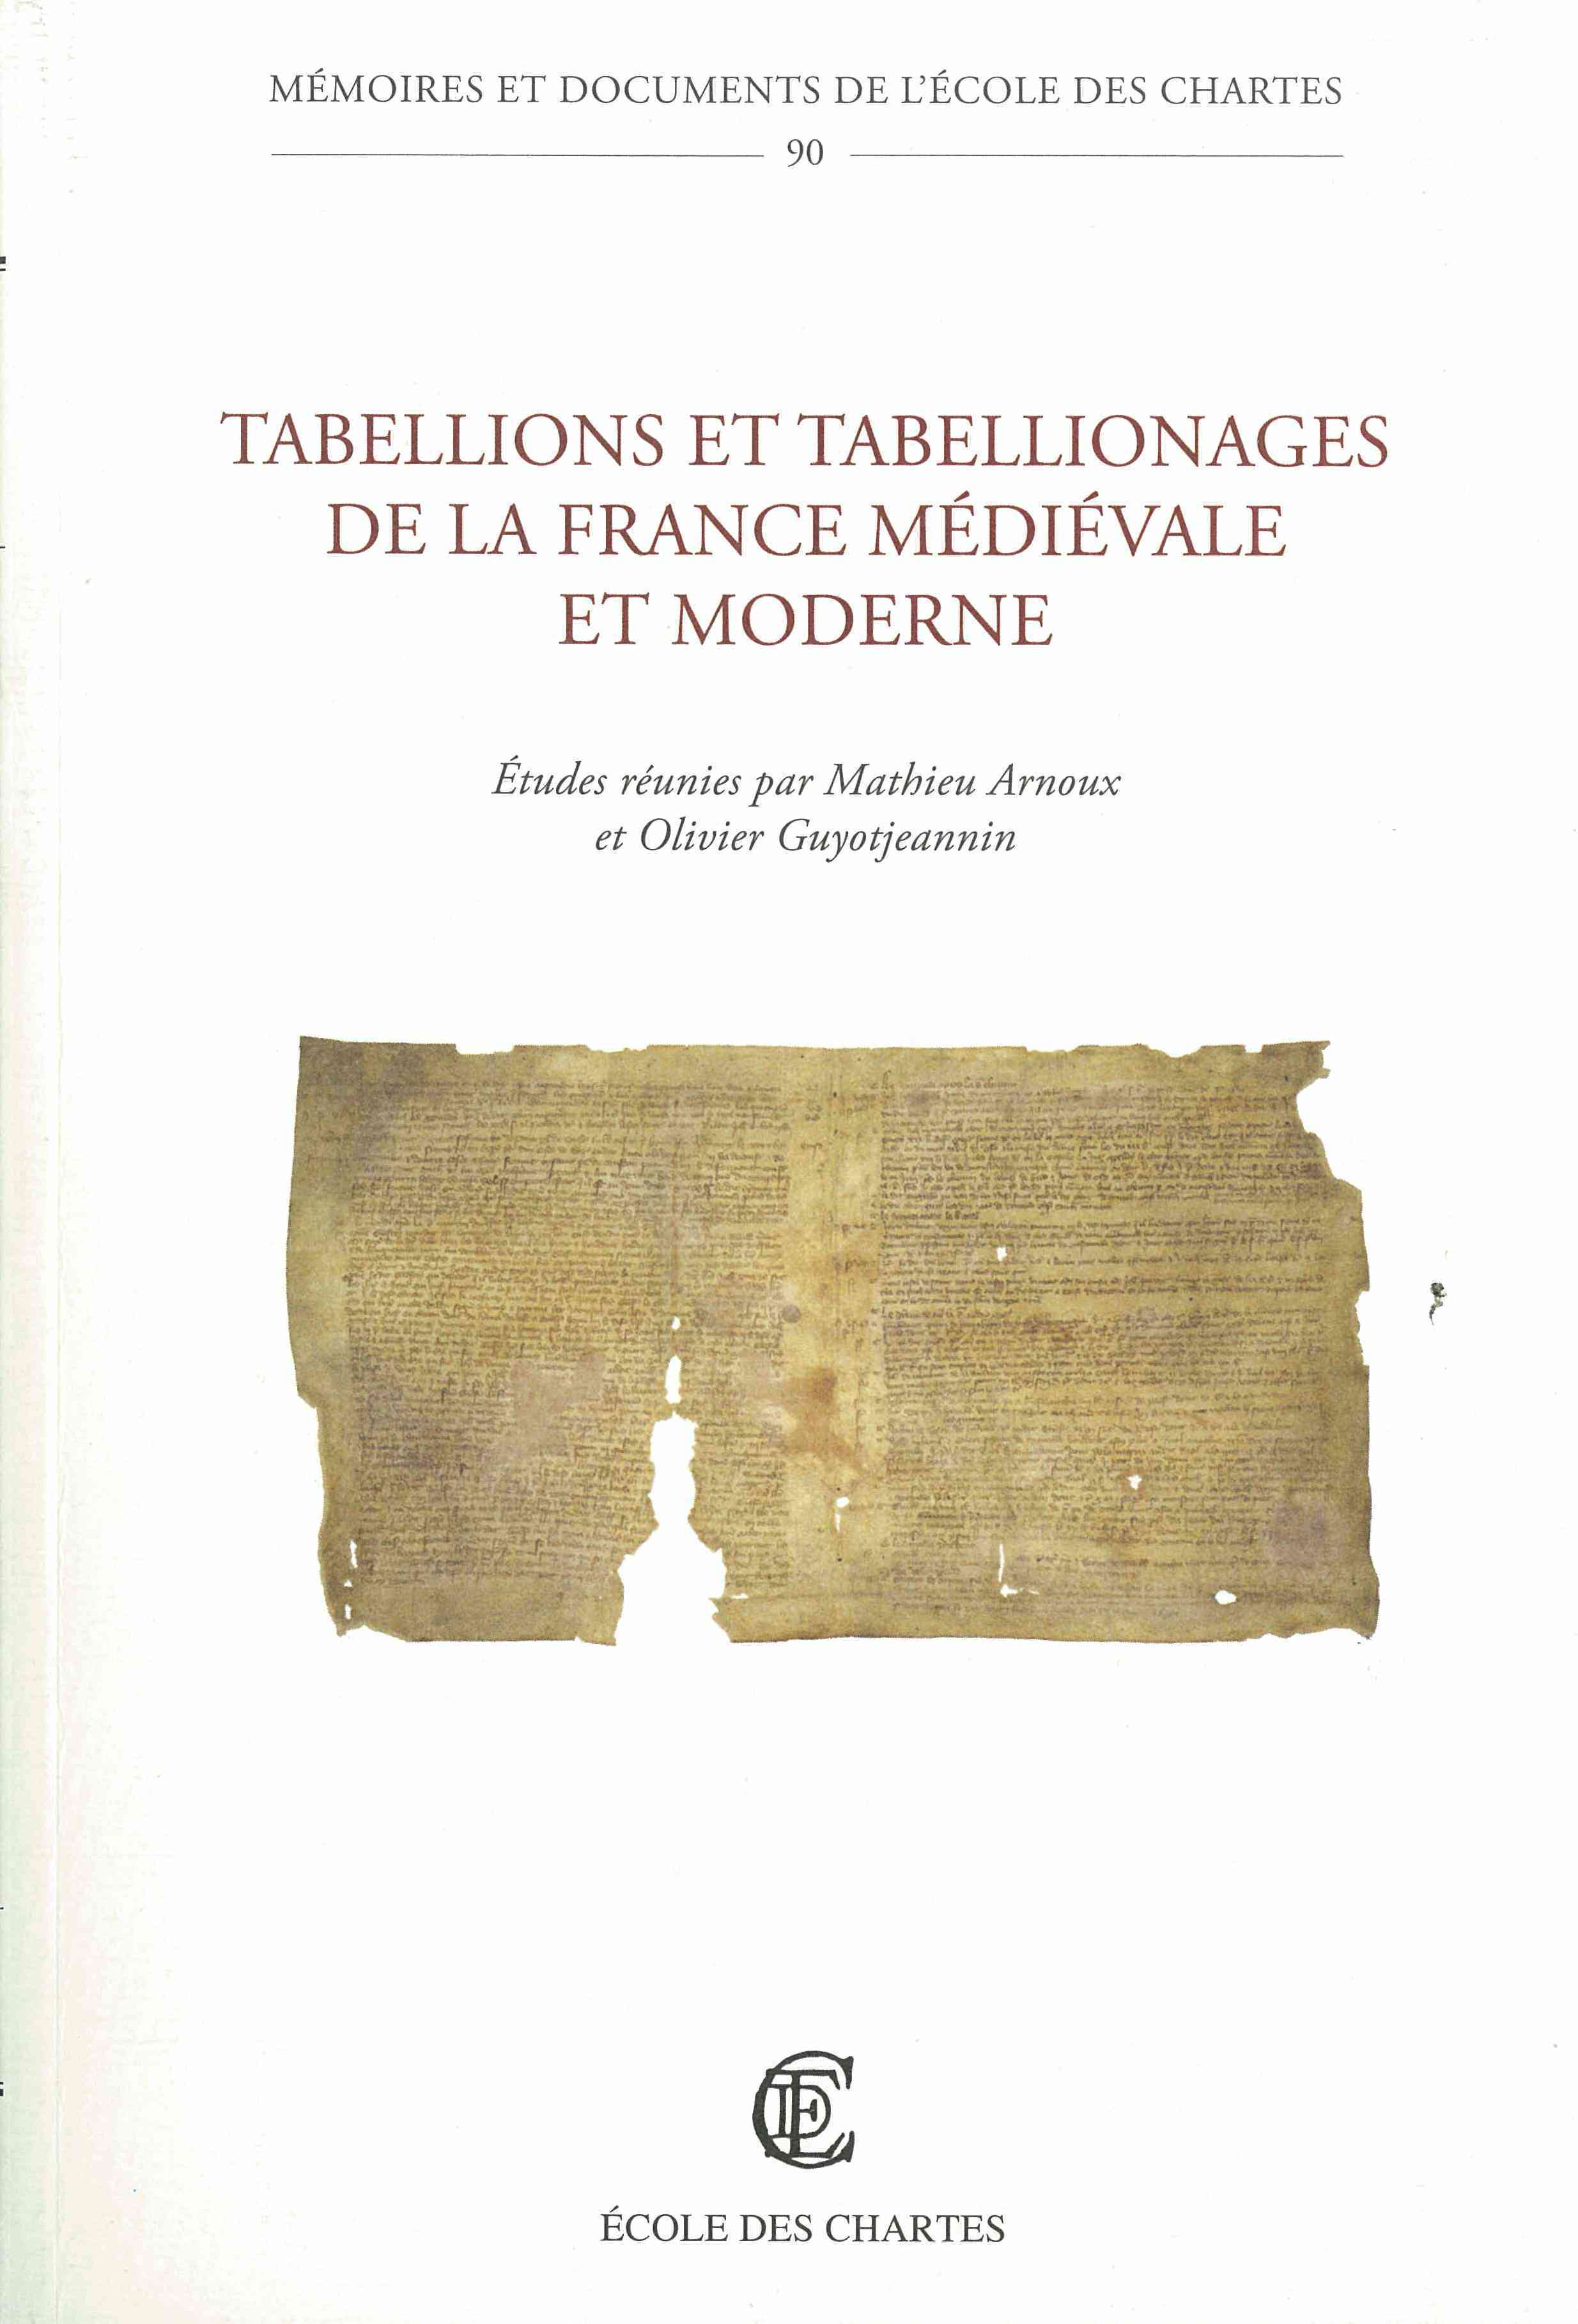 TABELLIONS ET TABELLIONAGES DE LA FRANCE MEDIEVALE ET MODERNE